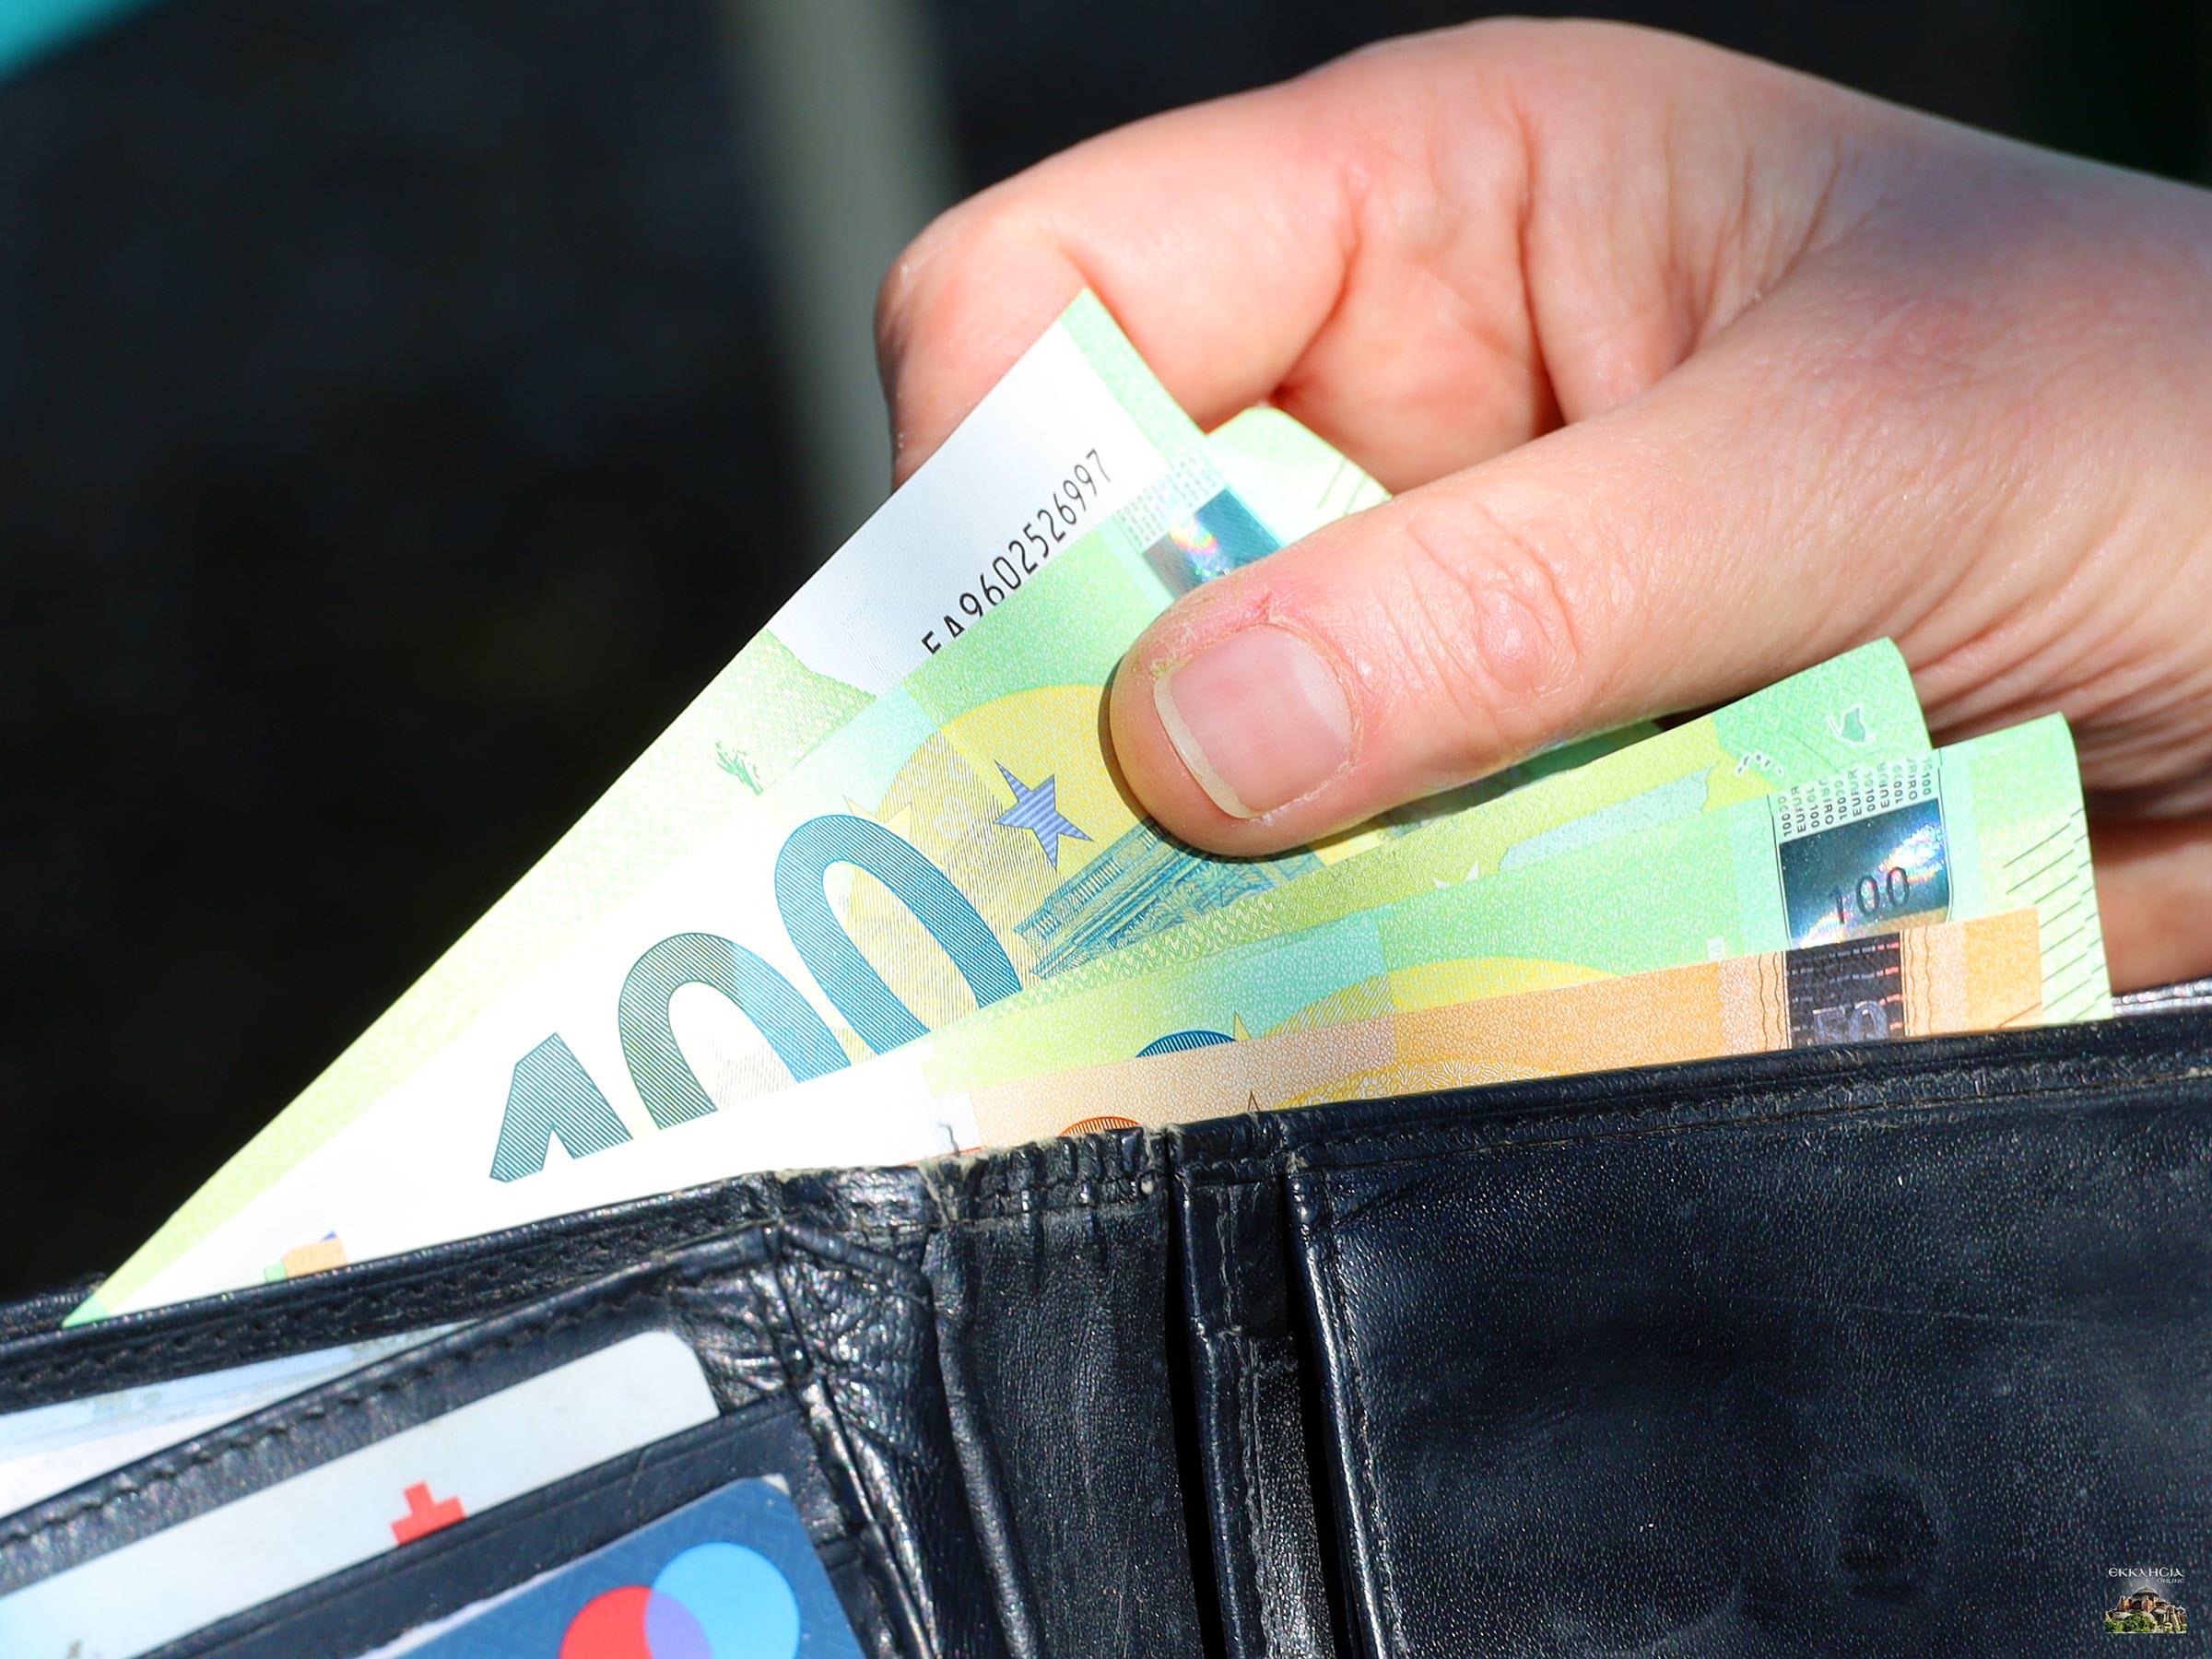 Πληρωμές πορτοφόλι μετρητά